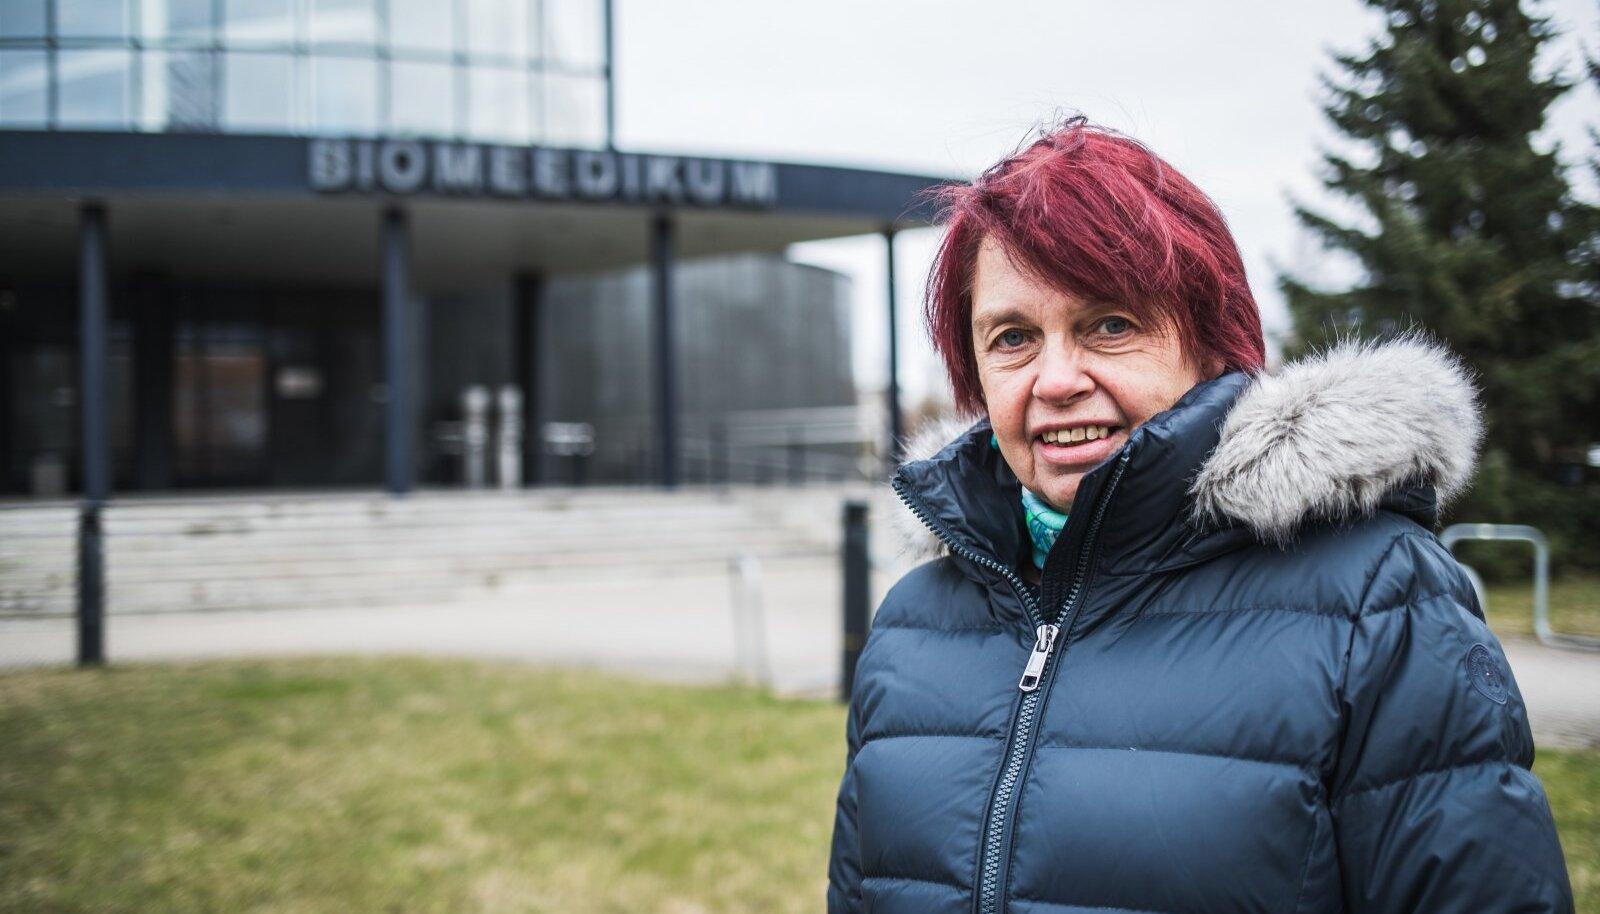 ERIARVAMUS: Teadusnõukoja juht, professor Irja Lutsar ütles ajakirjanikele, et teadlased eelistanuks karmimaid piiranguid. Avalik eriarvamus pani valitsusele surve.